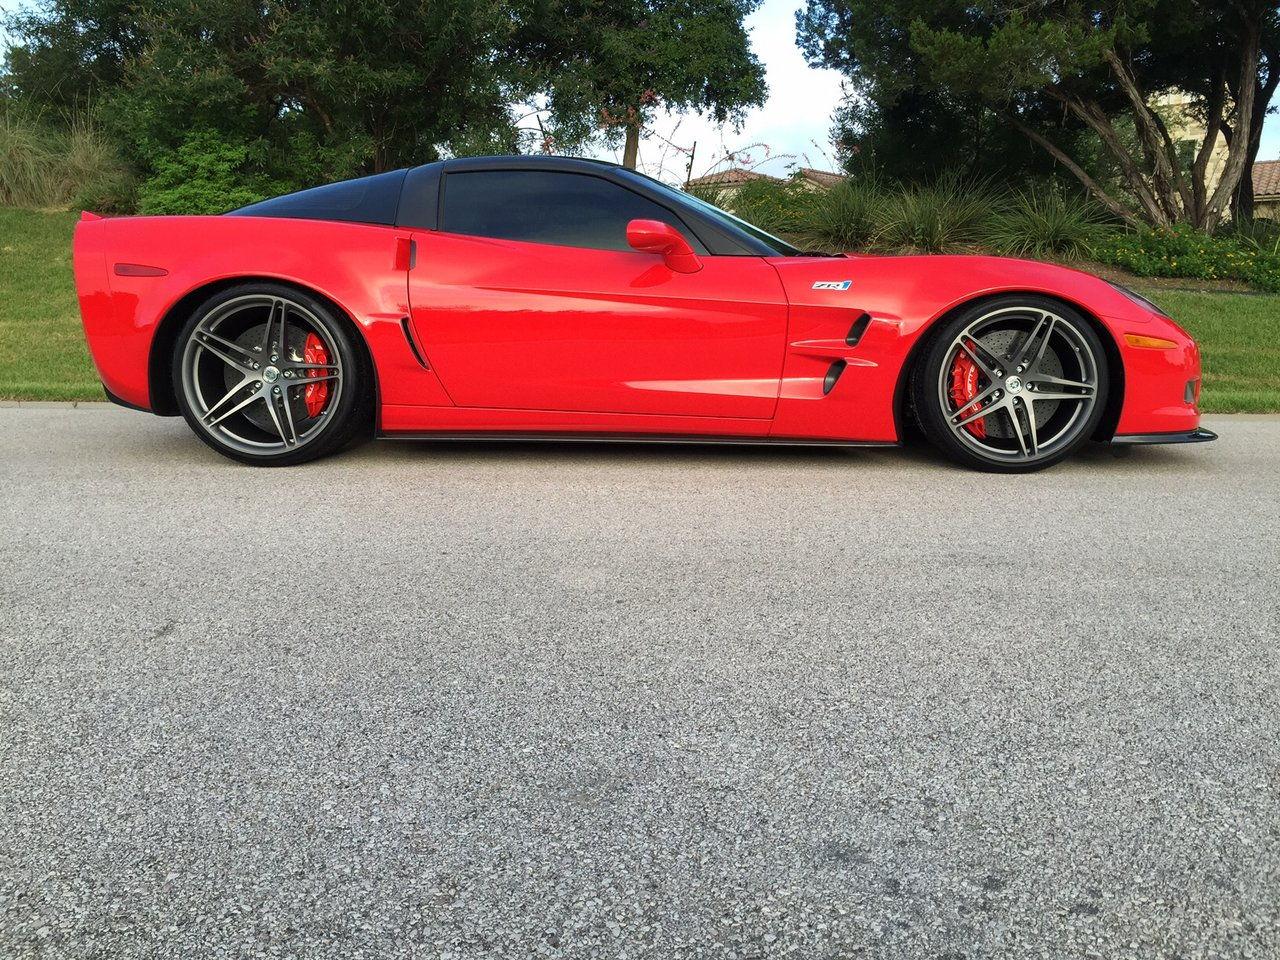 Chevrolet Corvette Zr1 On Hre Wheels 6speedonline